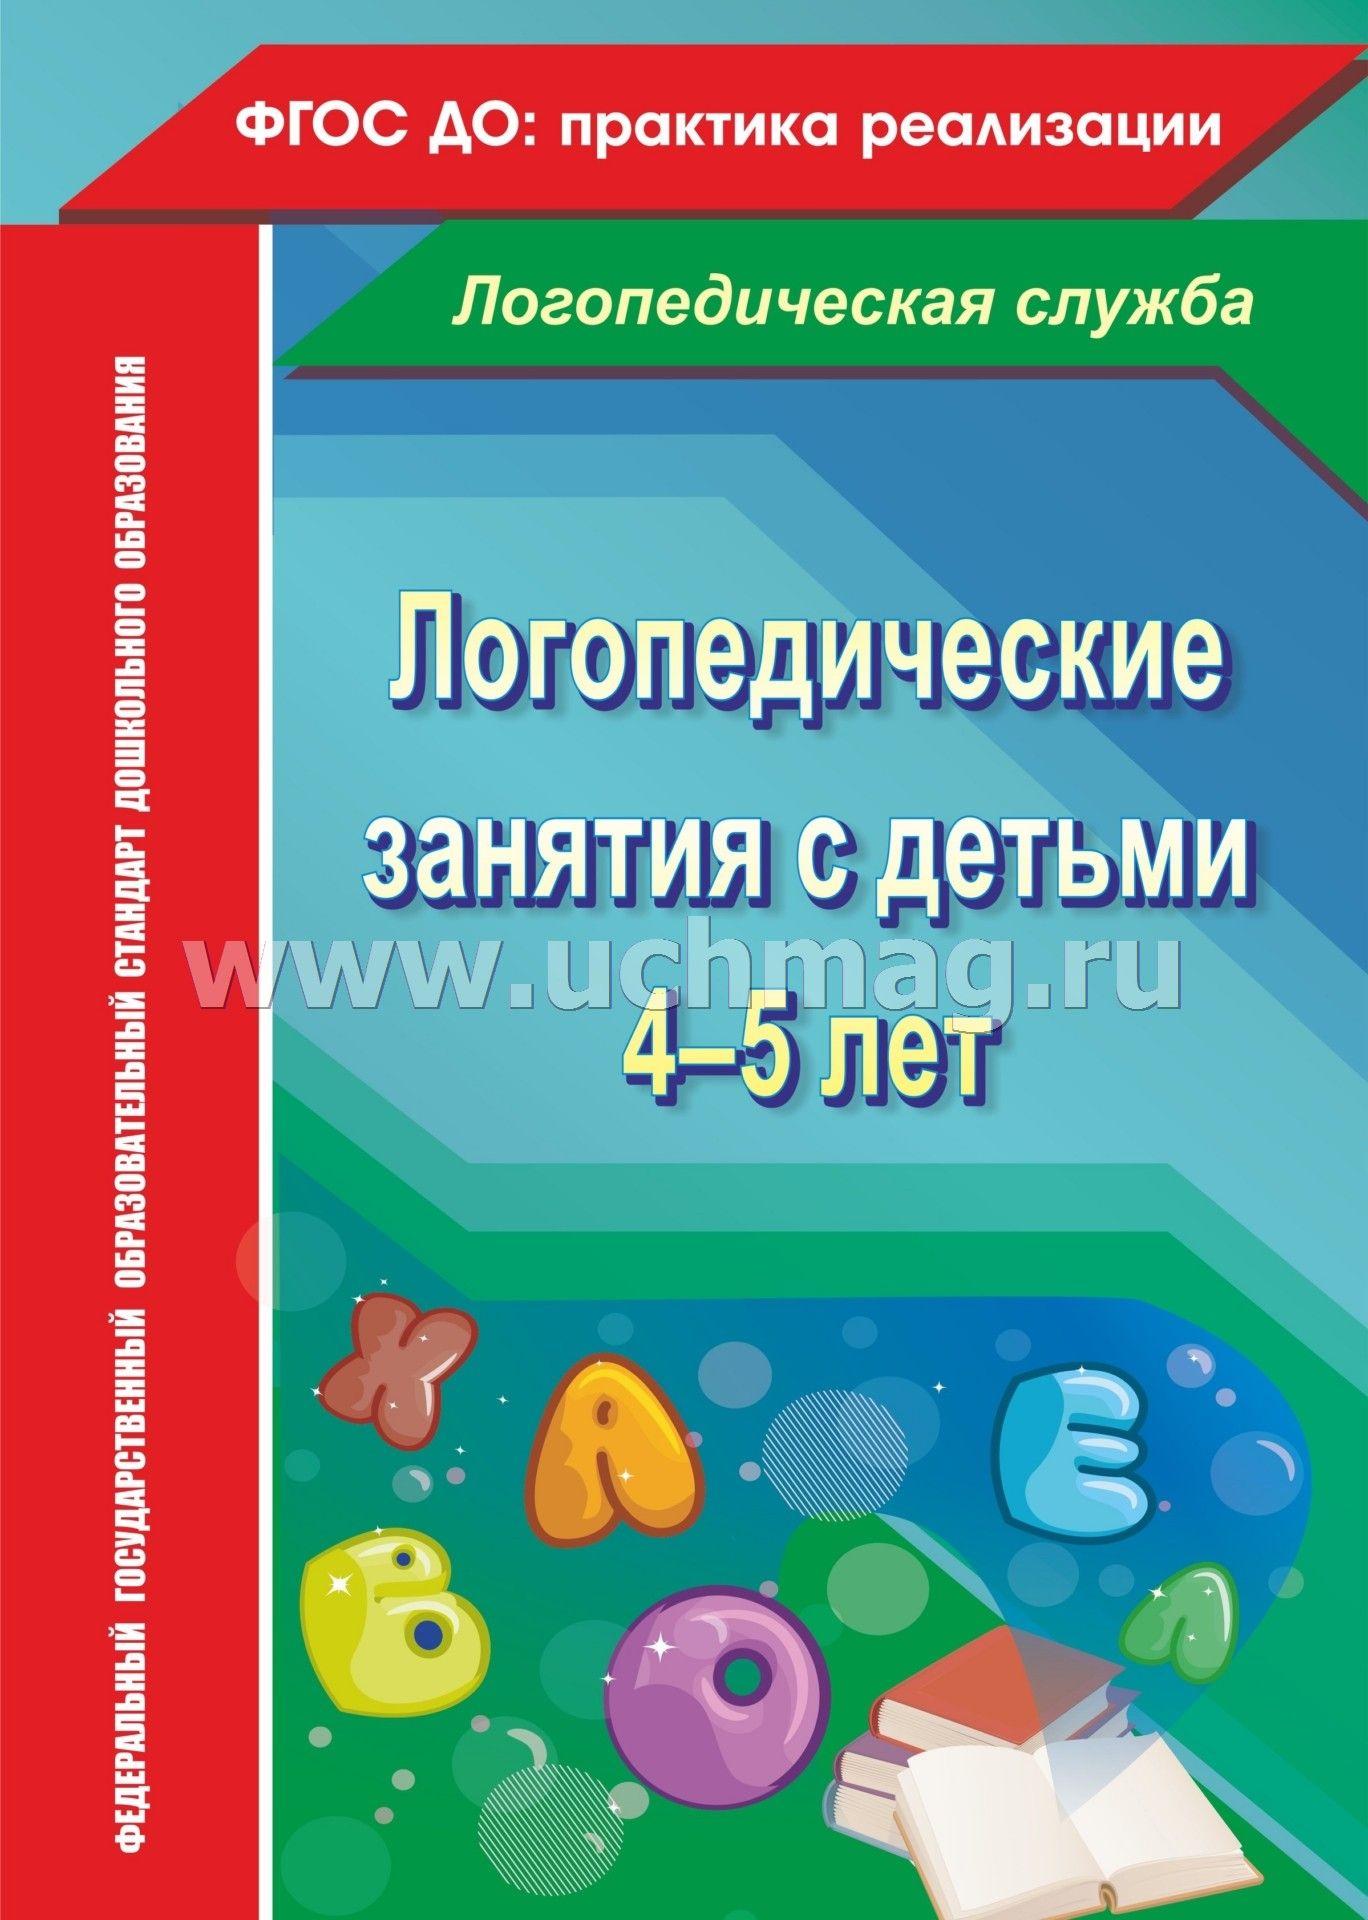 Скачать книгу математика в детском саду 5-6 лет в.п новикова конспекты занятий